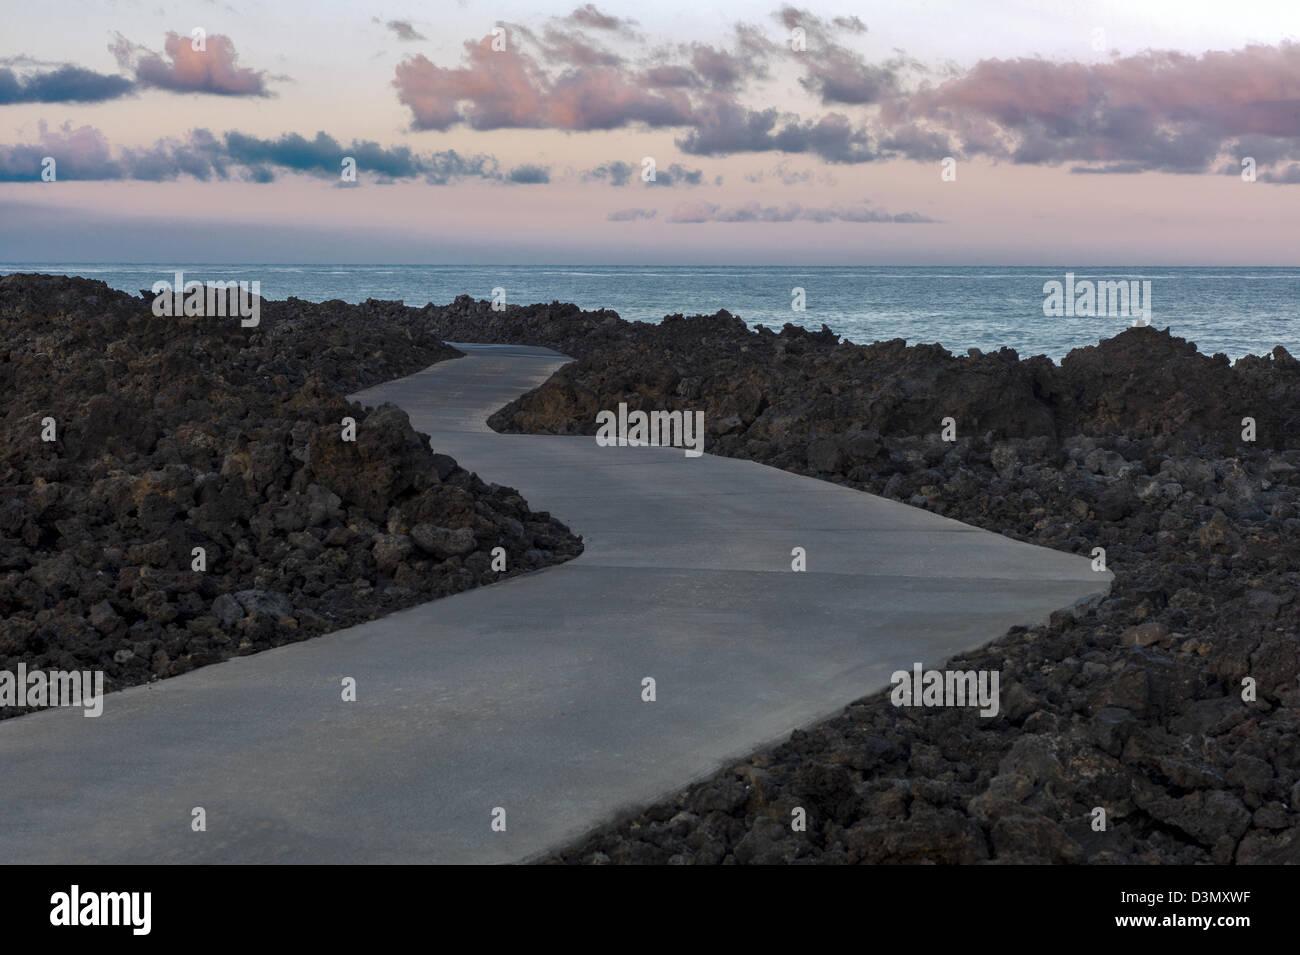 Chemin le long de la côte Kohala Coast. La Big Island, Hawaii. Photo Stock